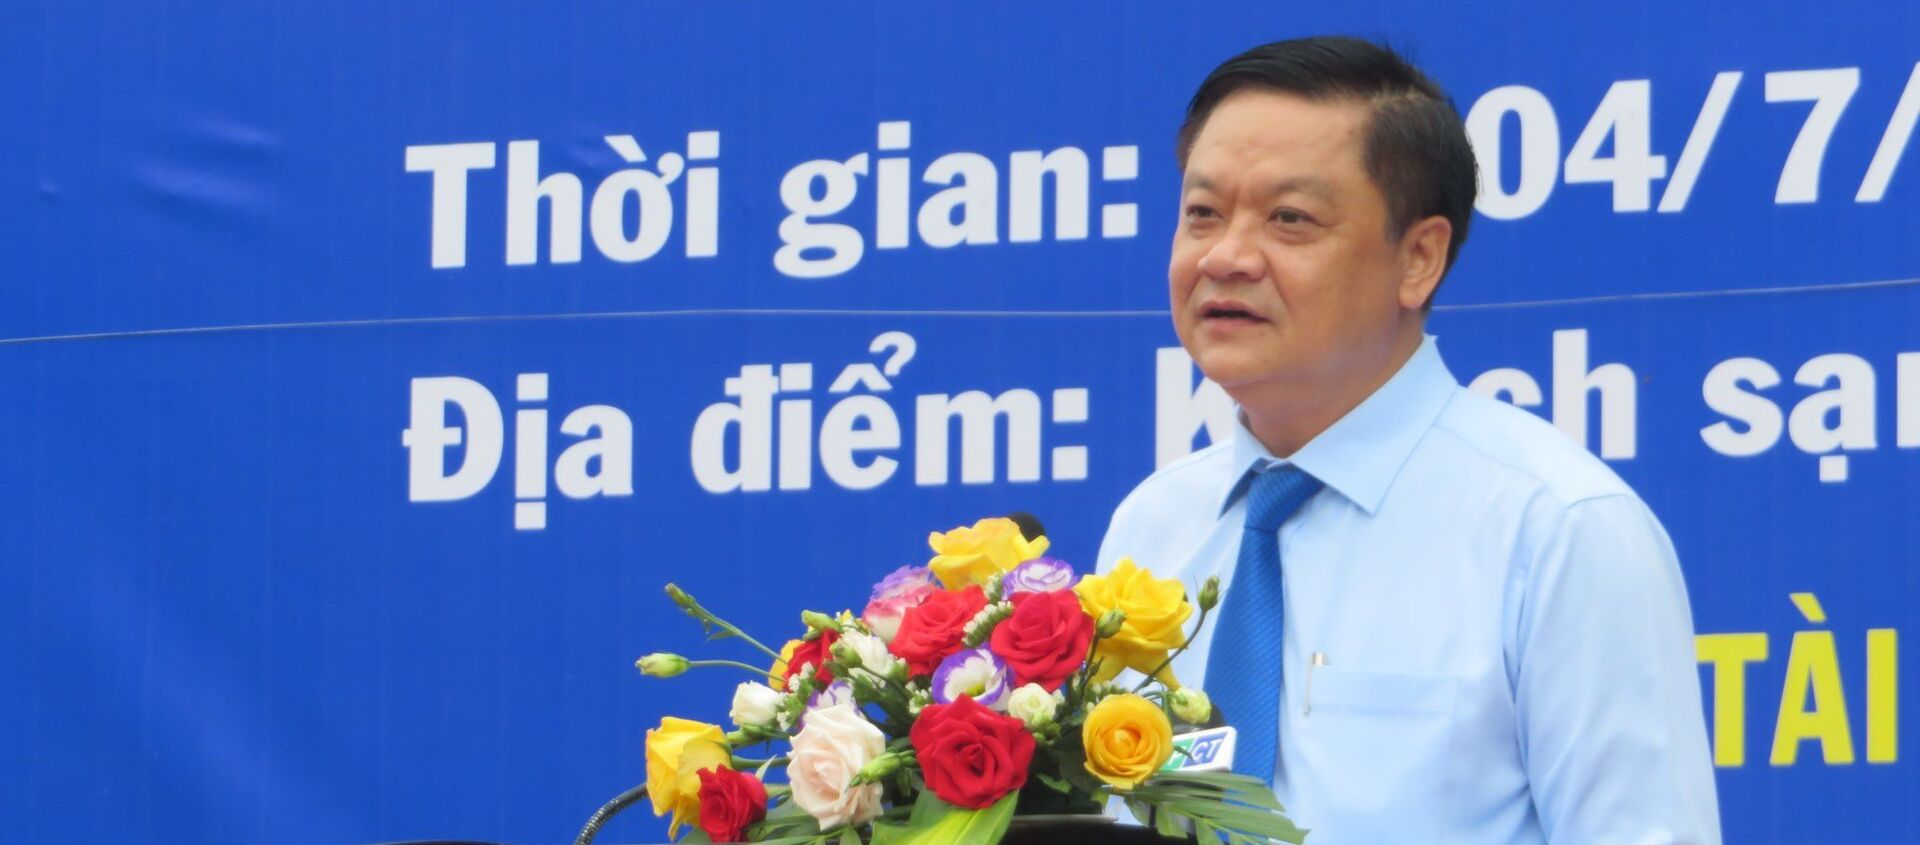 Ông Dương Tấn Hiển - Phó Chủ tịch UBND thành phố Cần Thơ phát biểu khai mạc Ngày hội - Sputnik Việt Nam, 1920, 04.07.2020